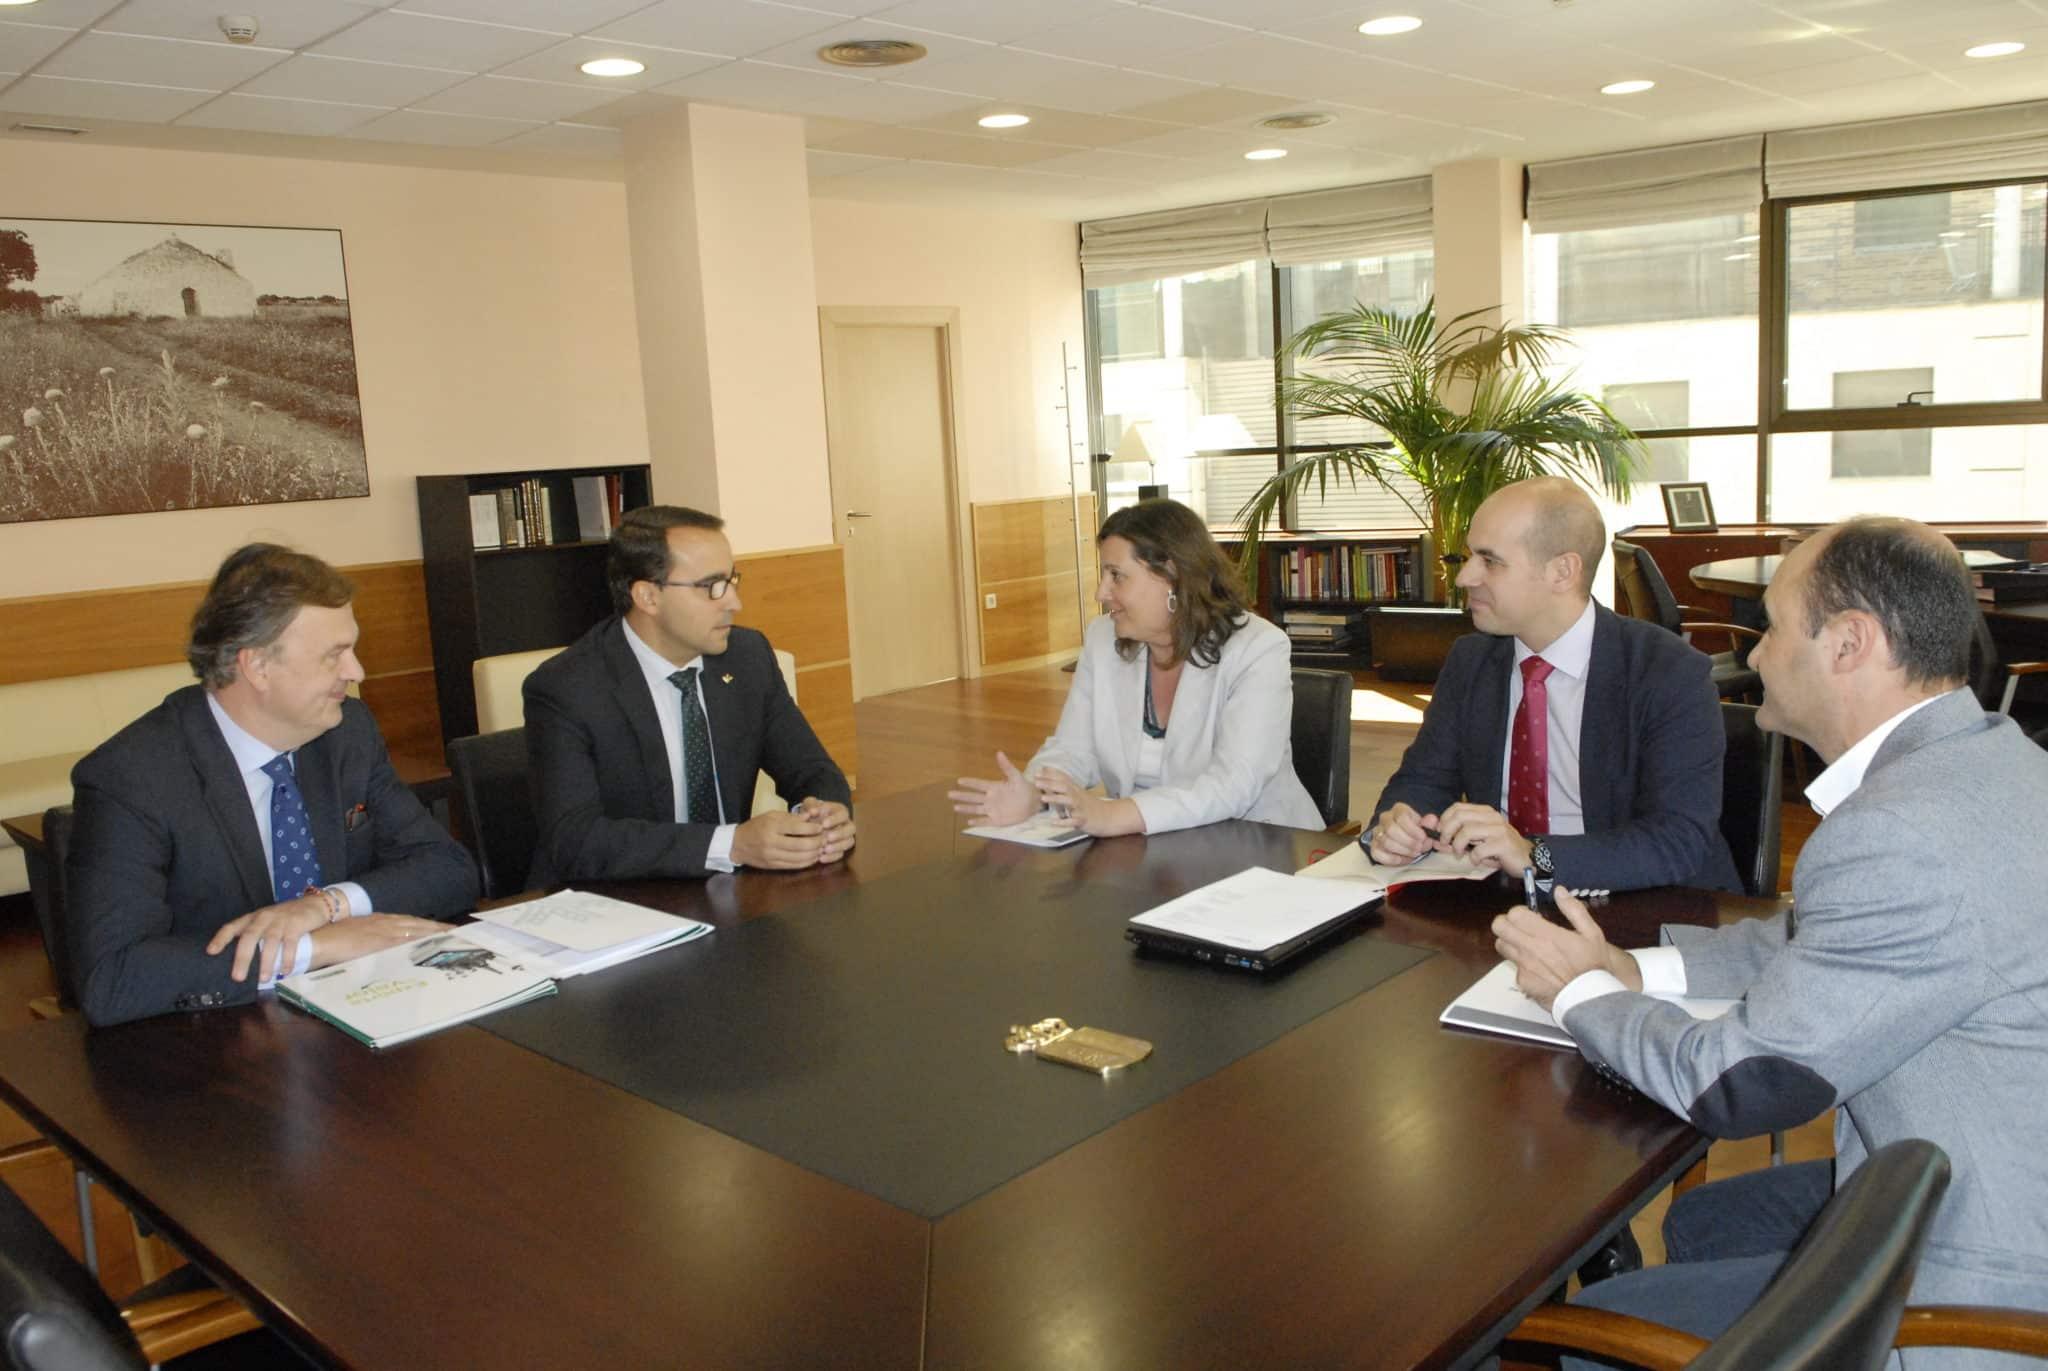 https://blog.globalcaja.es/wp-content/uploads/2015/10/globalcaja-economia-oct-2015-086.jpg